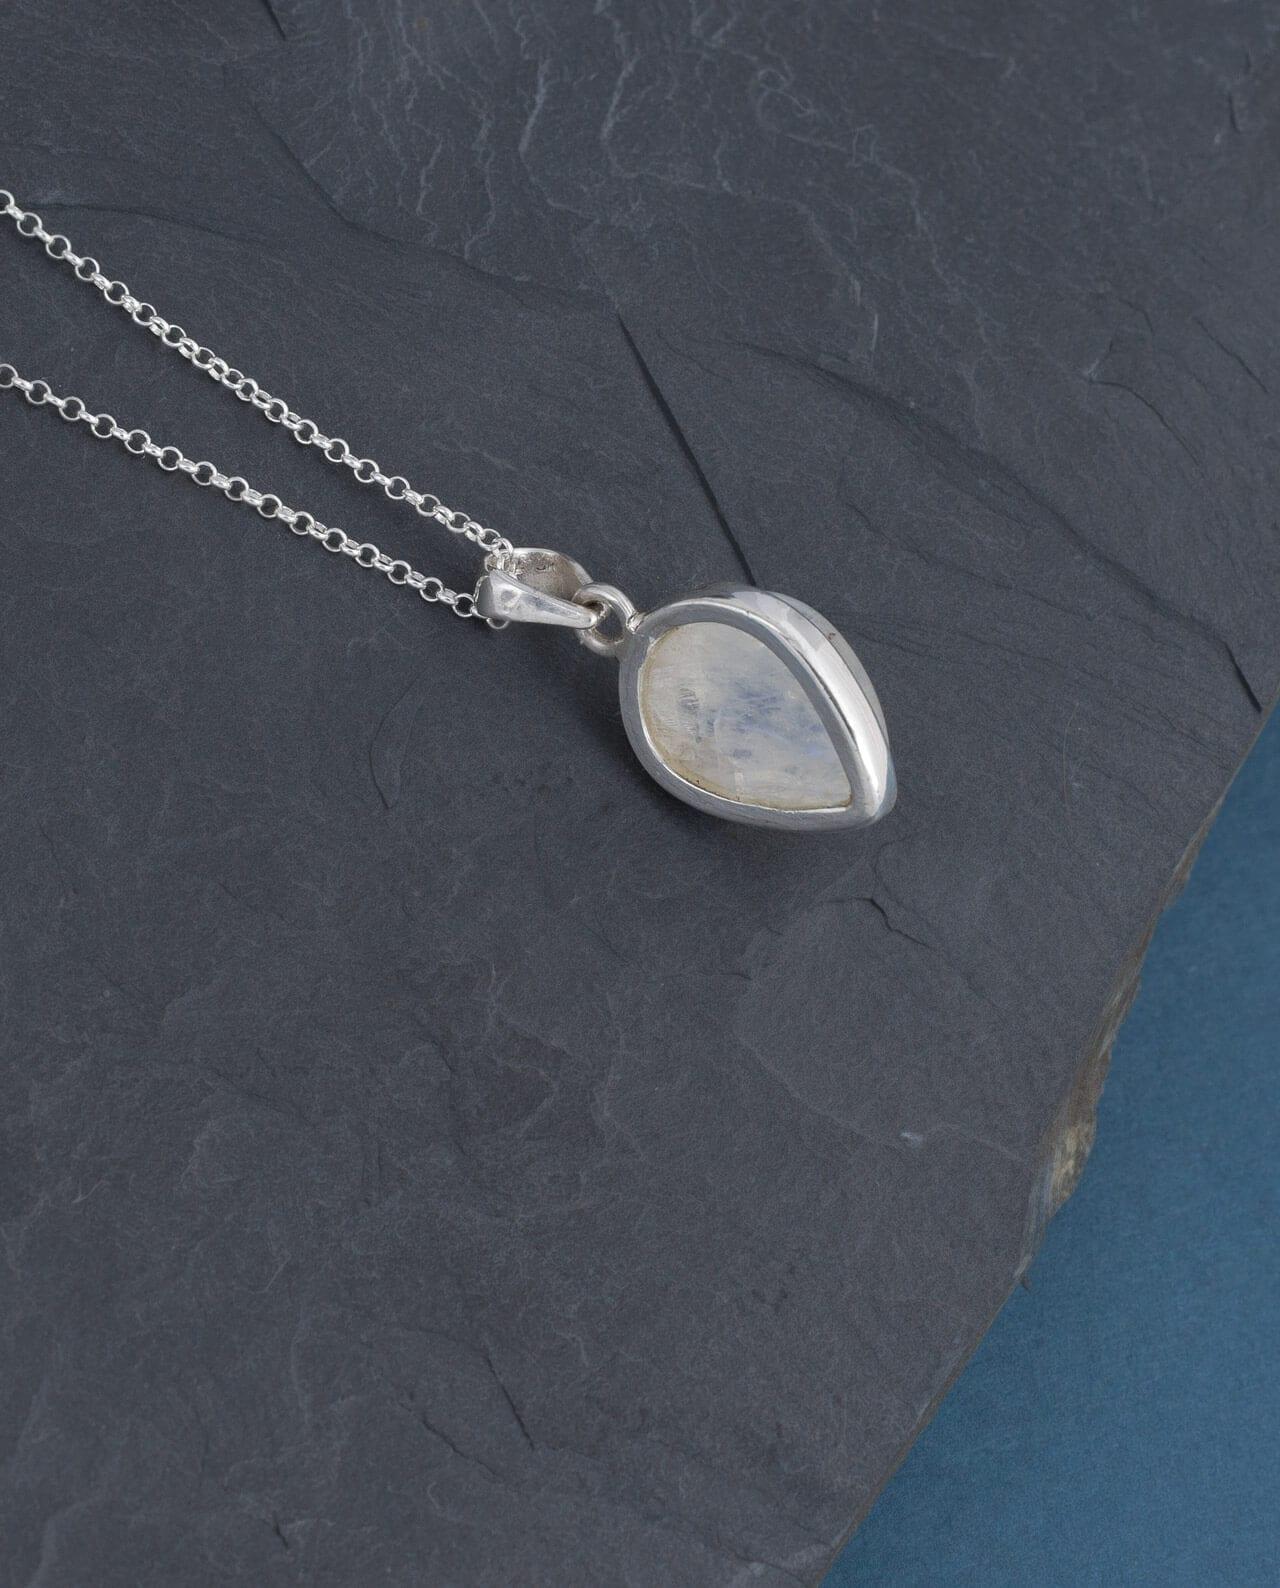 CONLIGHT Regenbogenmondstein Silber Anhaenger